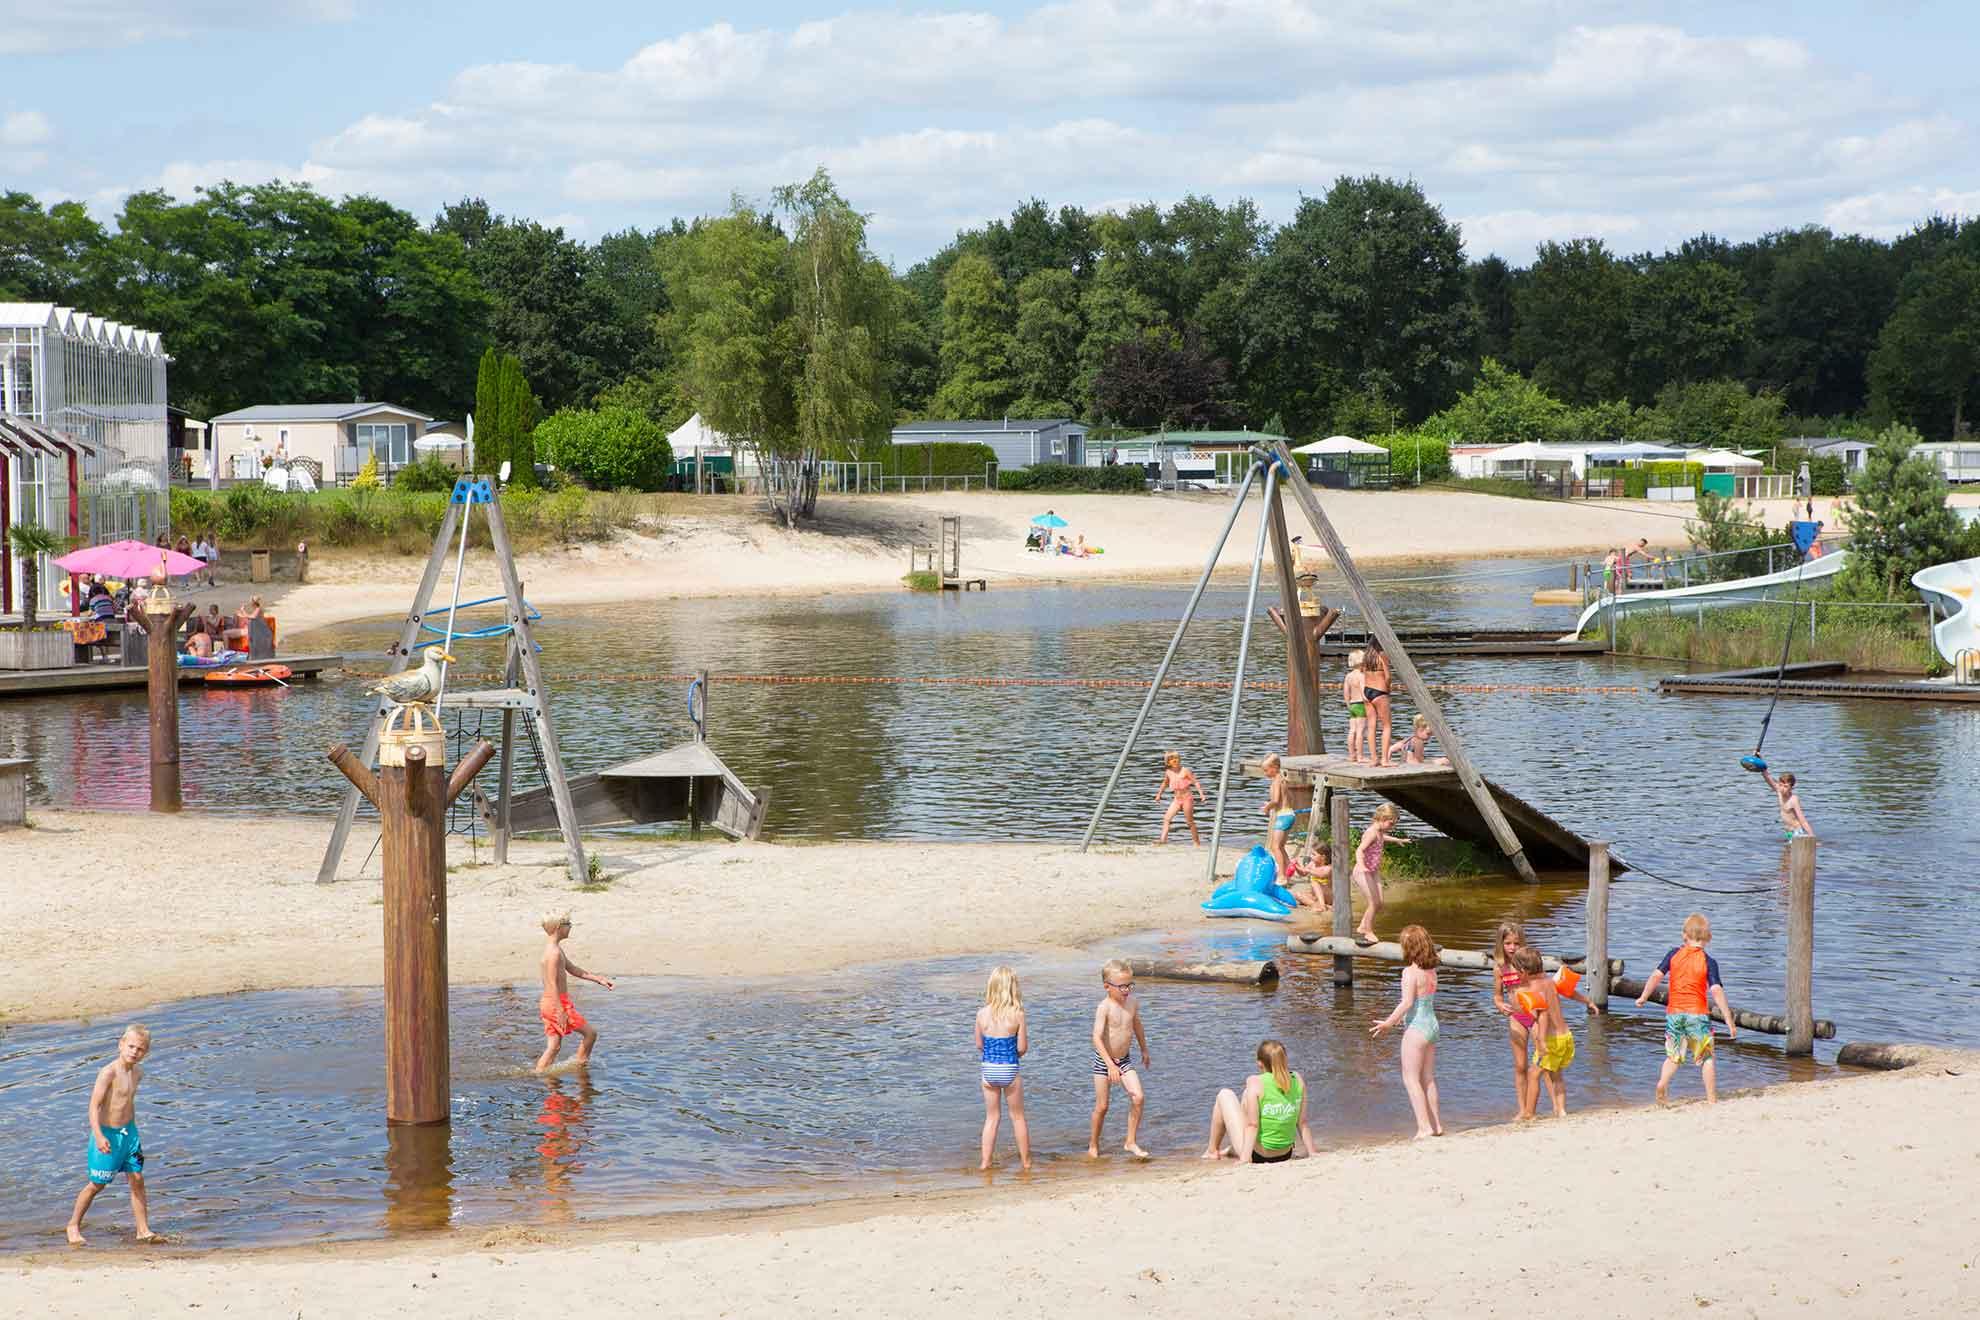 Camping vakantie in Overijssel op Vakantiepark het Stoetenslagh - 5 sterren camping vakantie in Overijssel